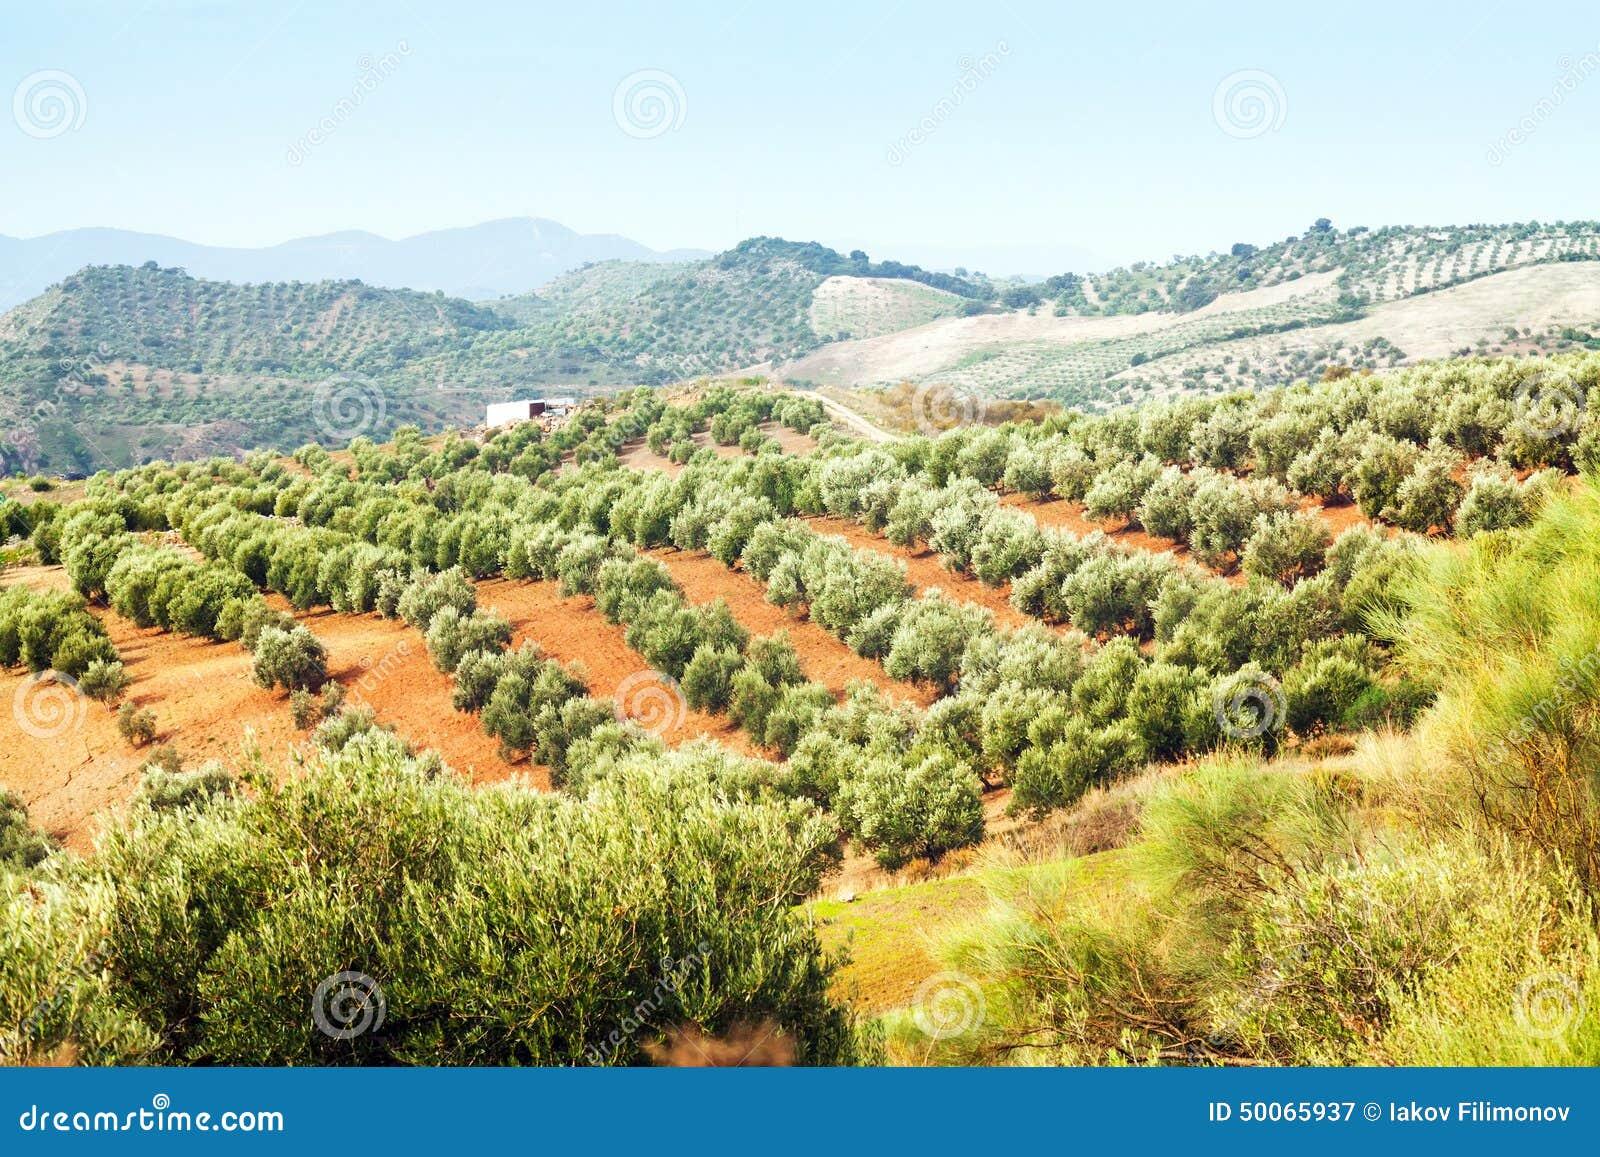 Spanish Landscape With Olives Plant Stock Image Image